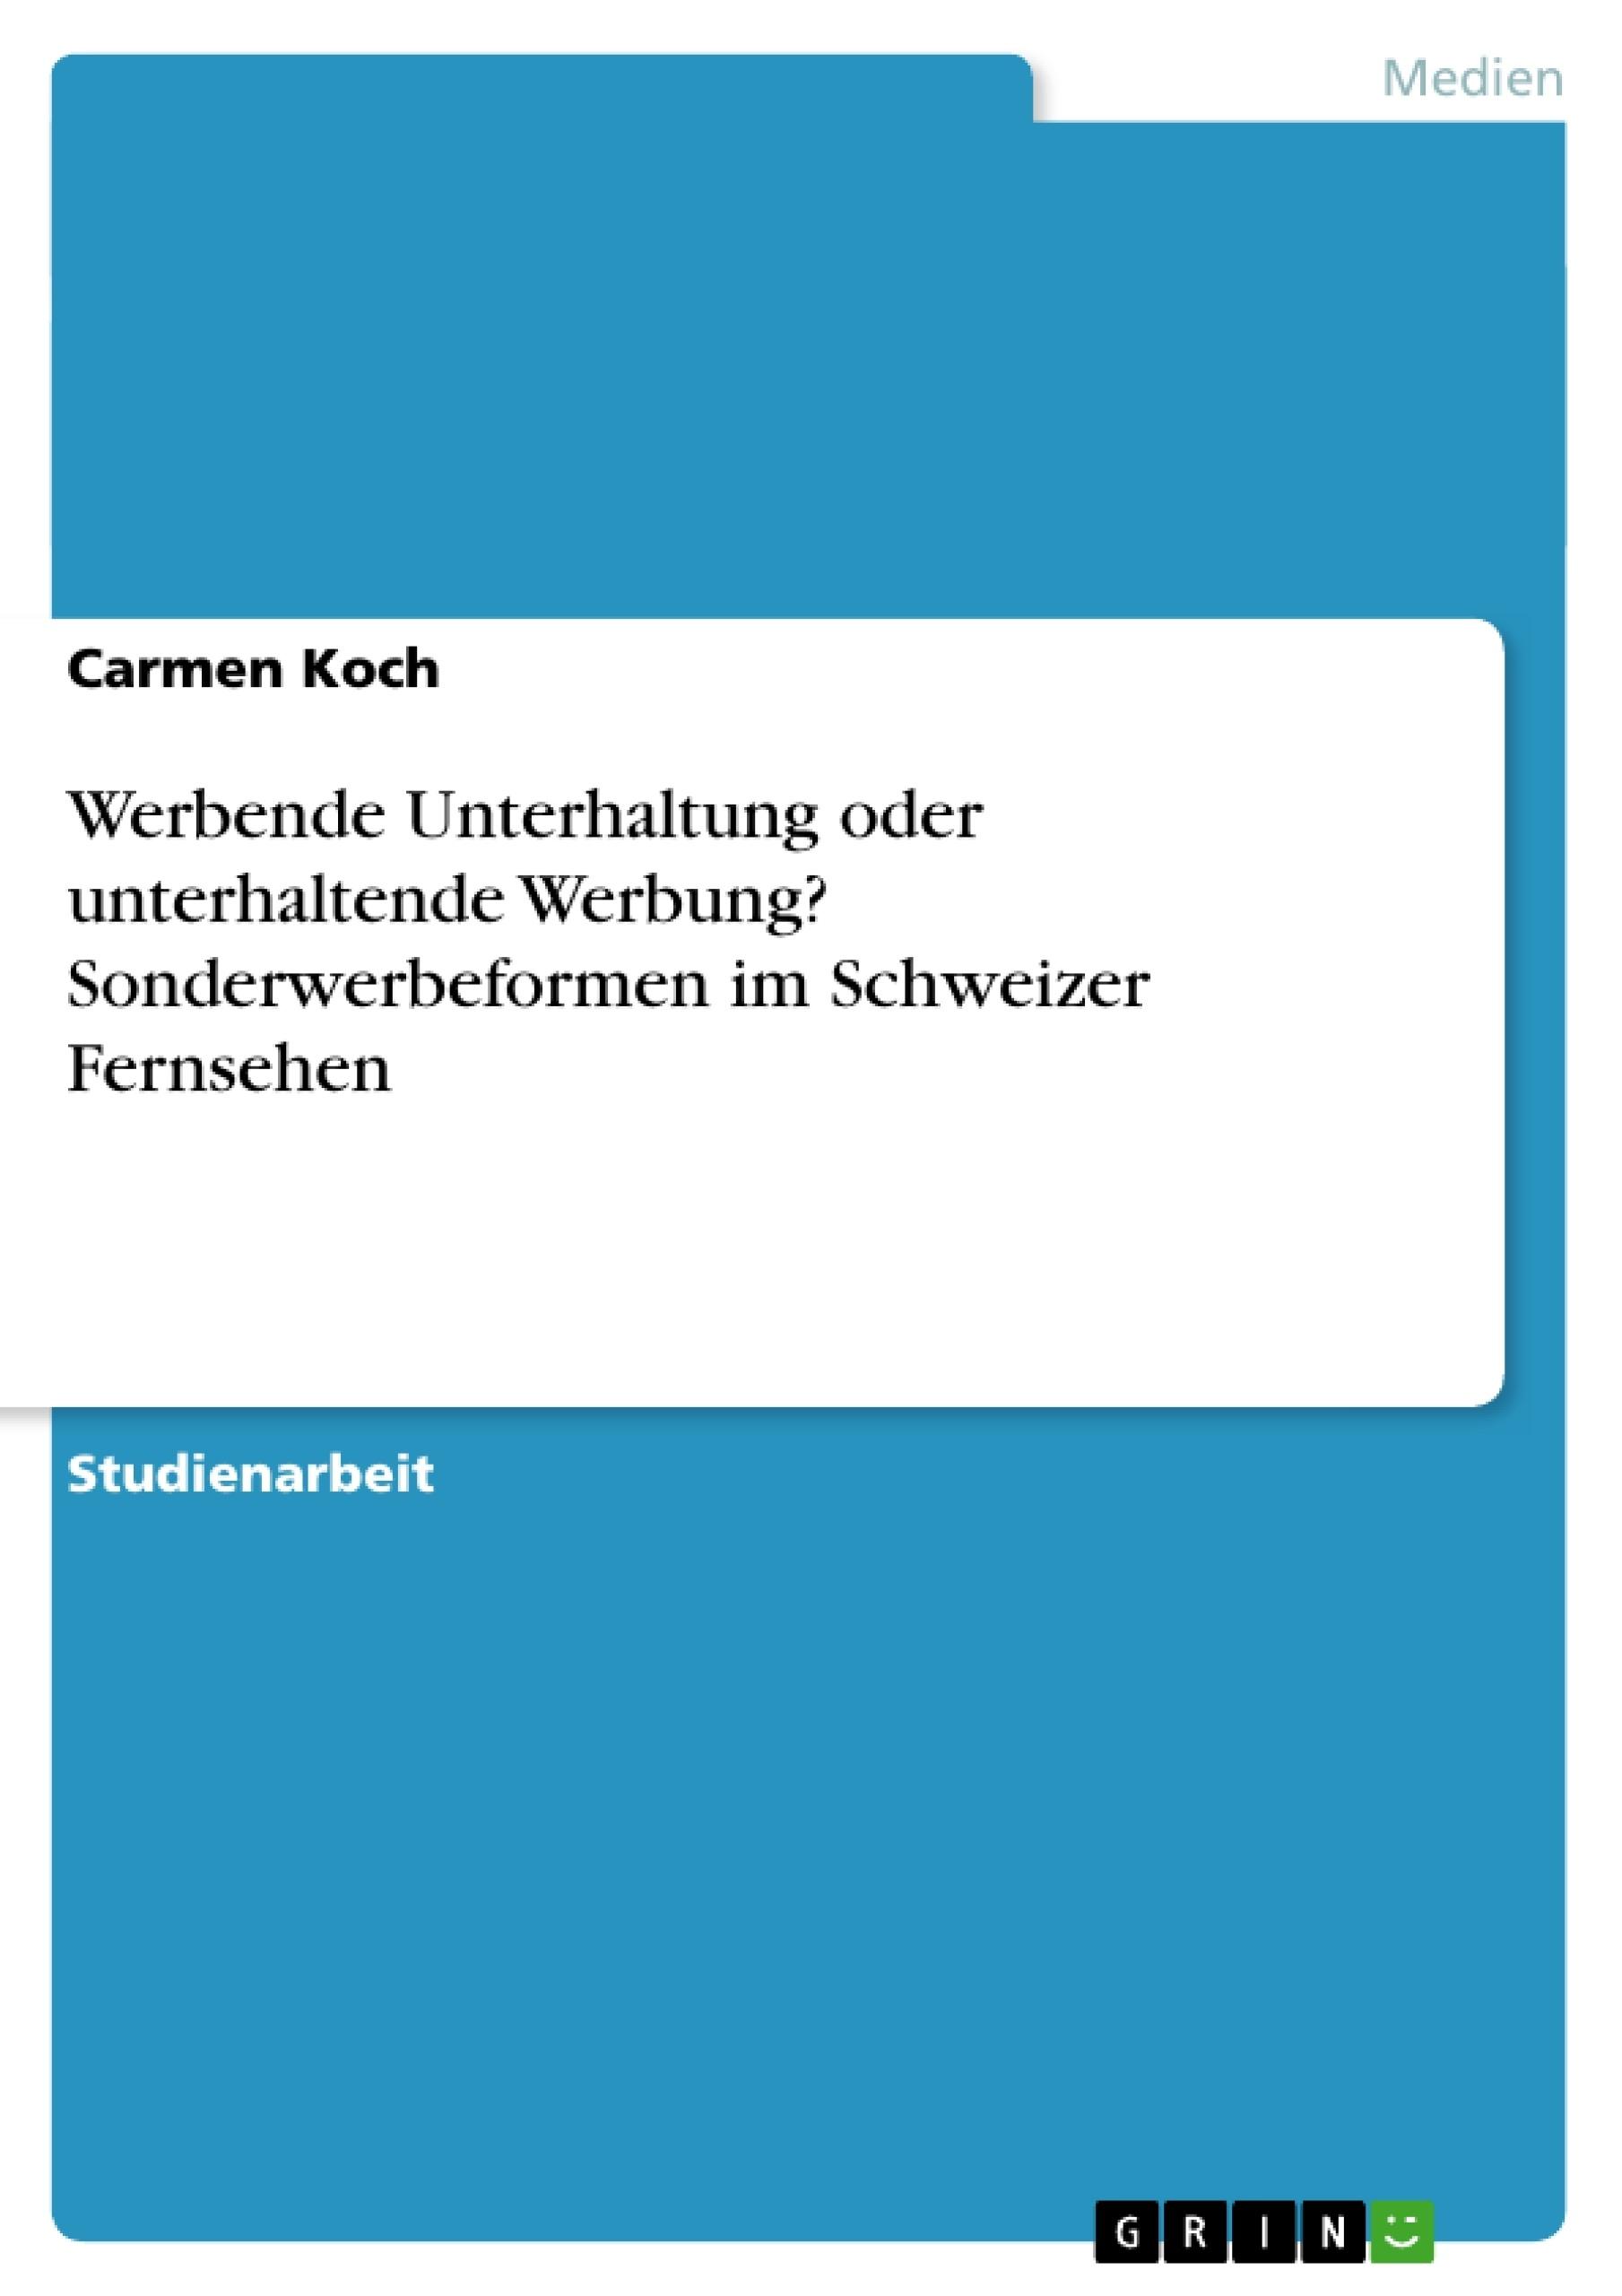 Titel: Werbende Unterhaltung oder unterhaltende Werbung? Sonderwerbeformen im Schweizer Fernsehen